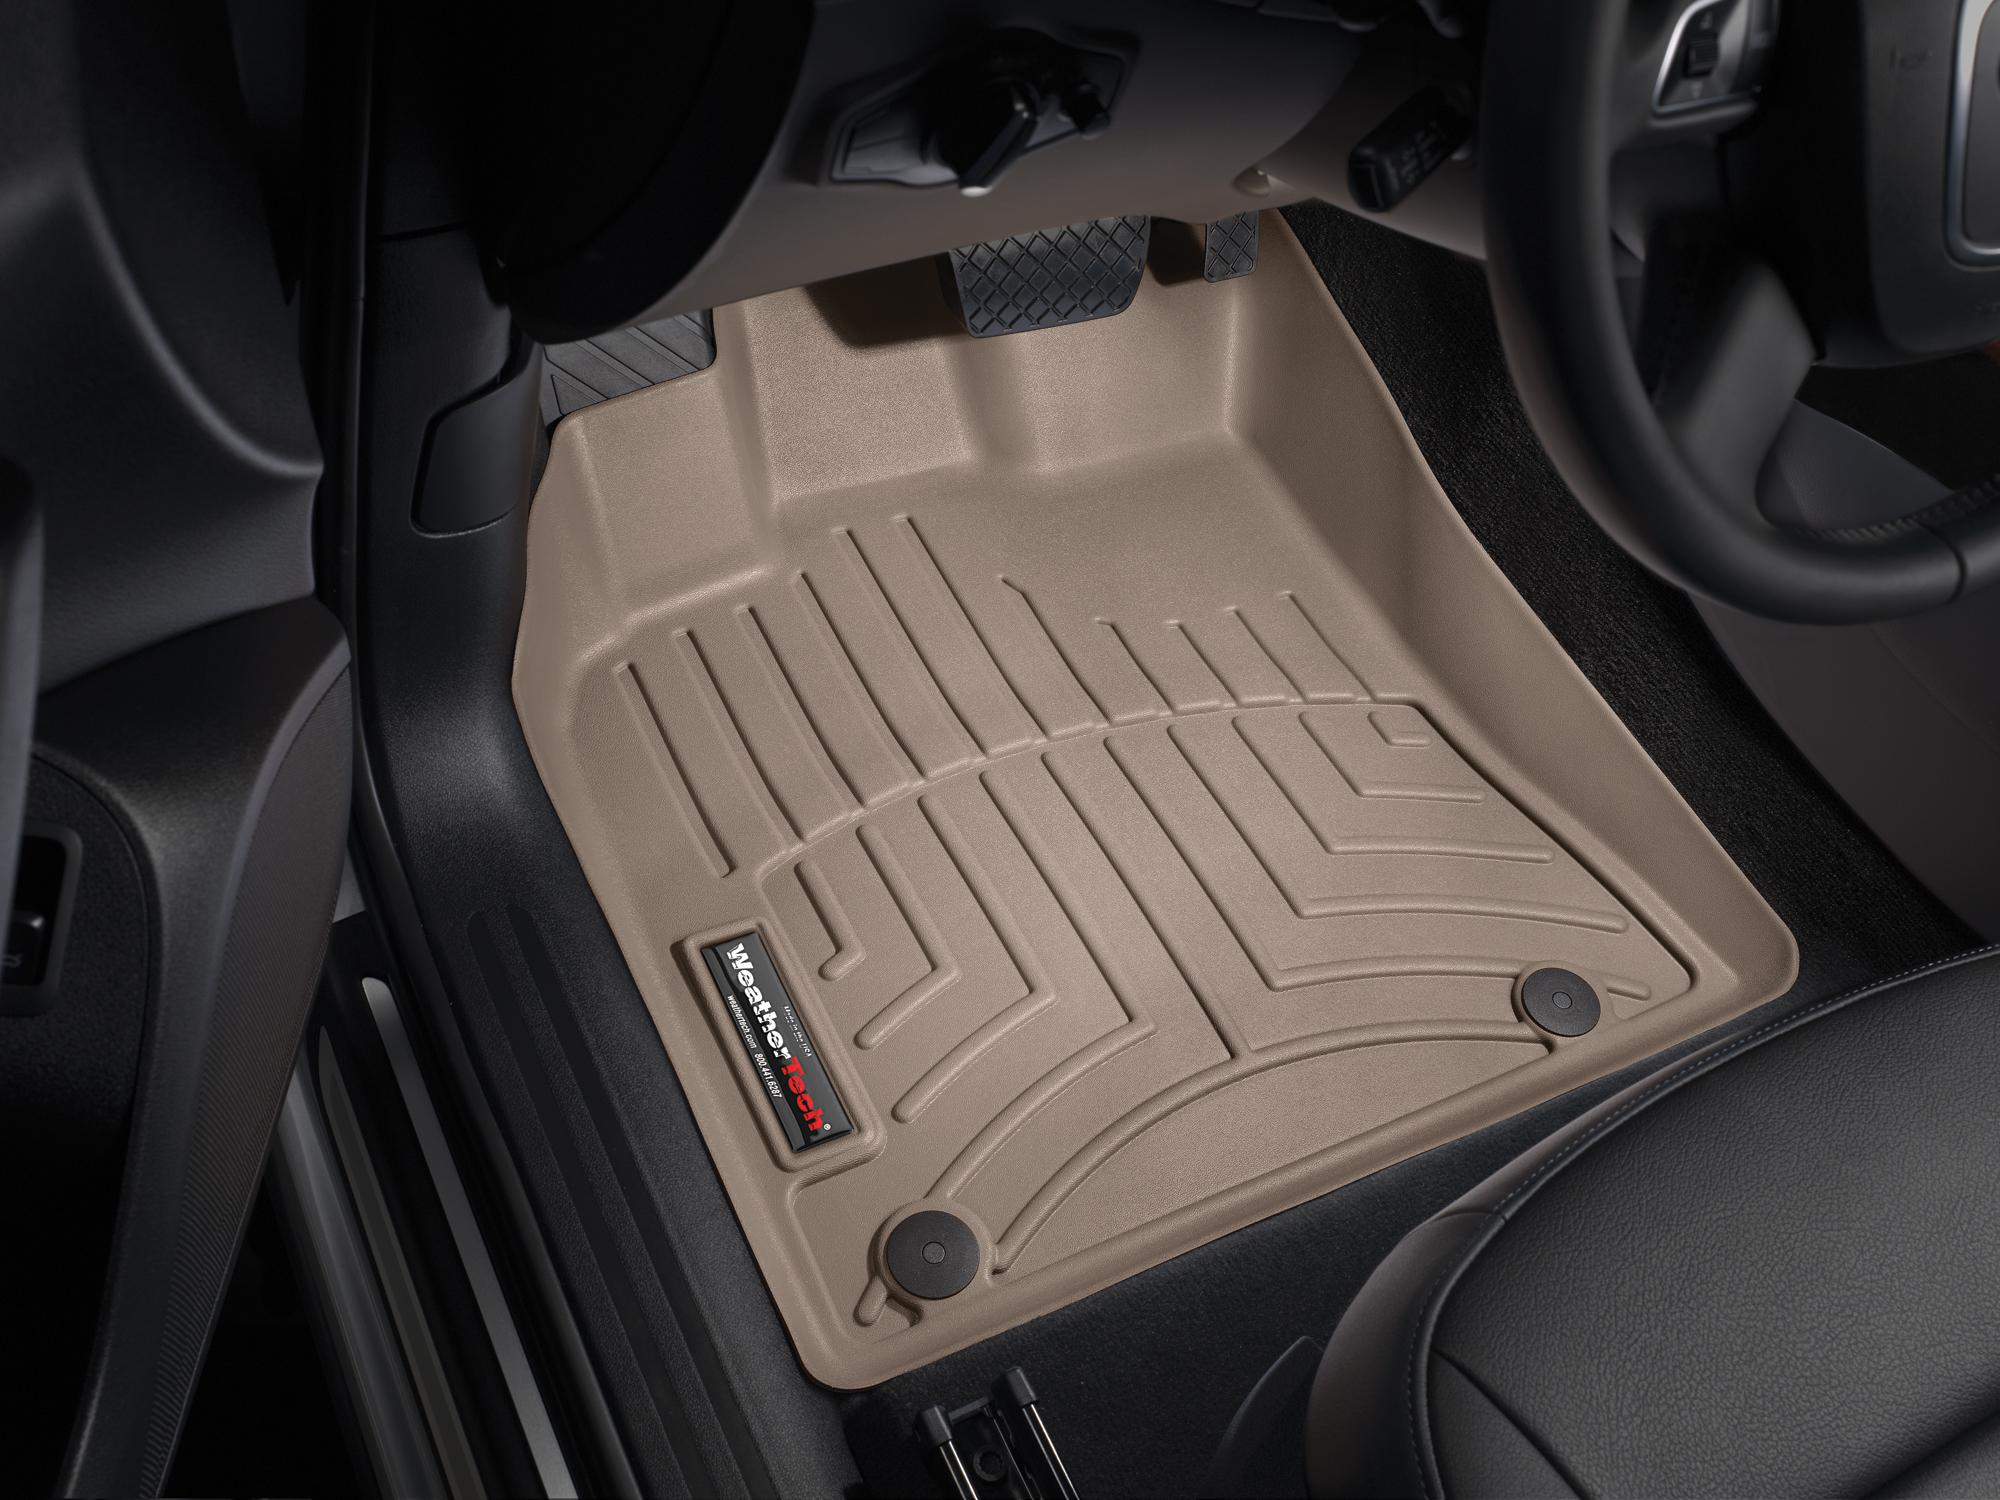 Tappeti gomma su misura bordo alto Porsche® Macan 14>17 Marrone A3165